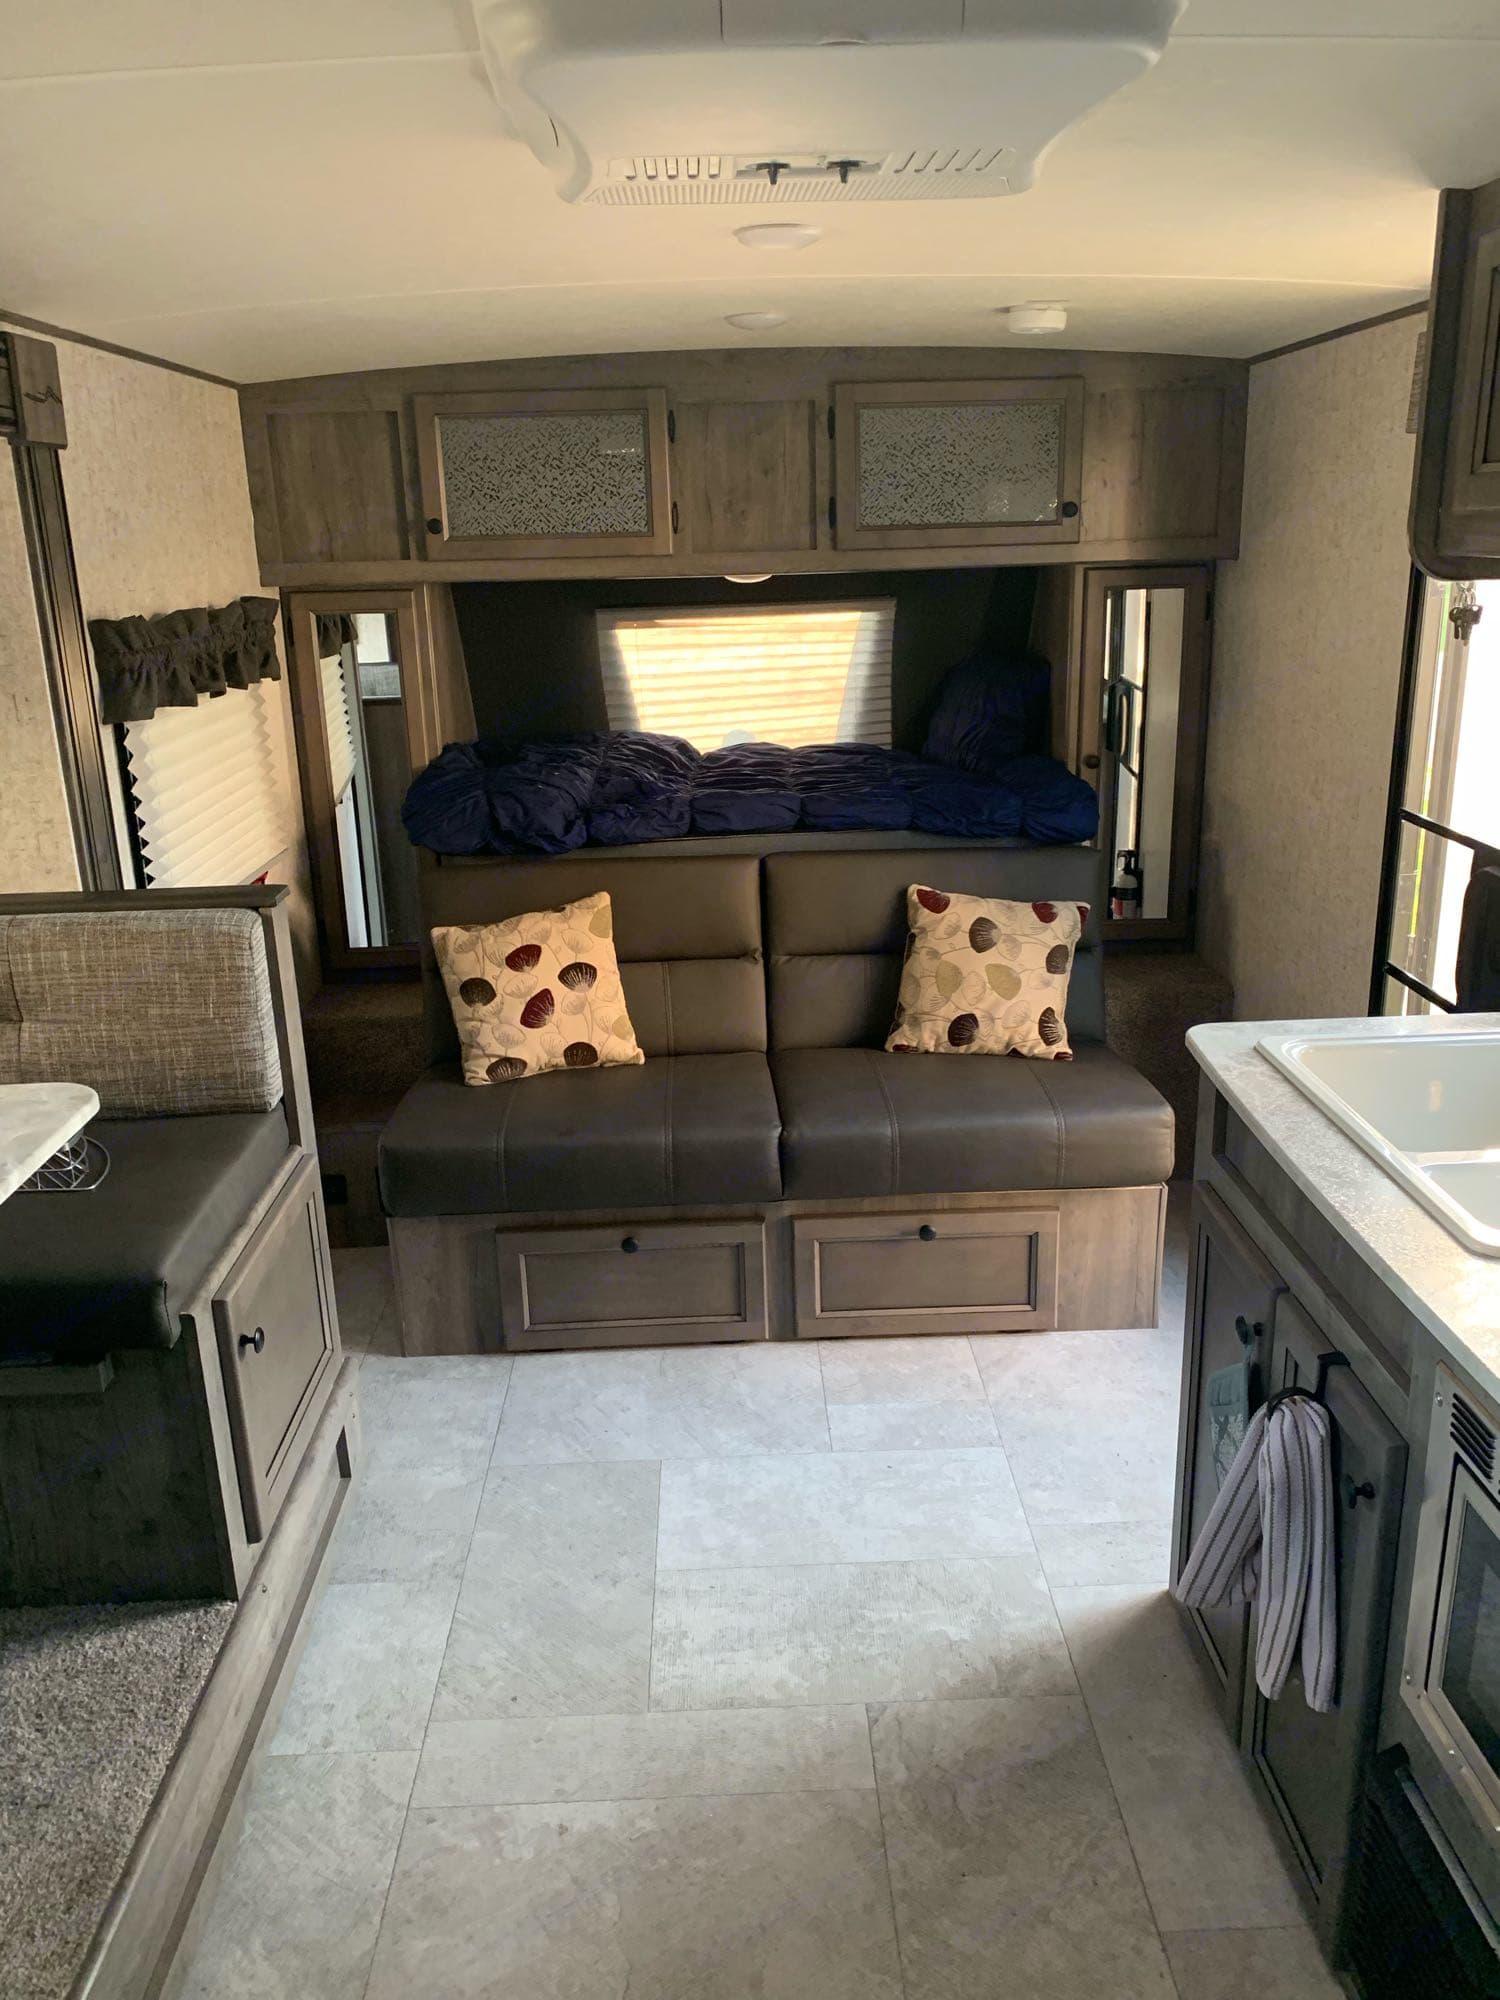 Couch. Coachmen Apex 2020